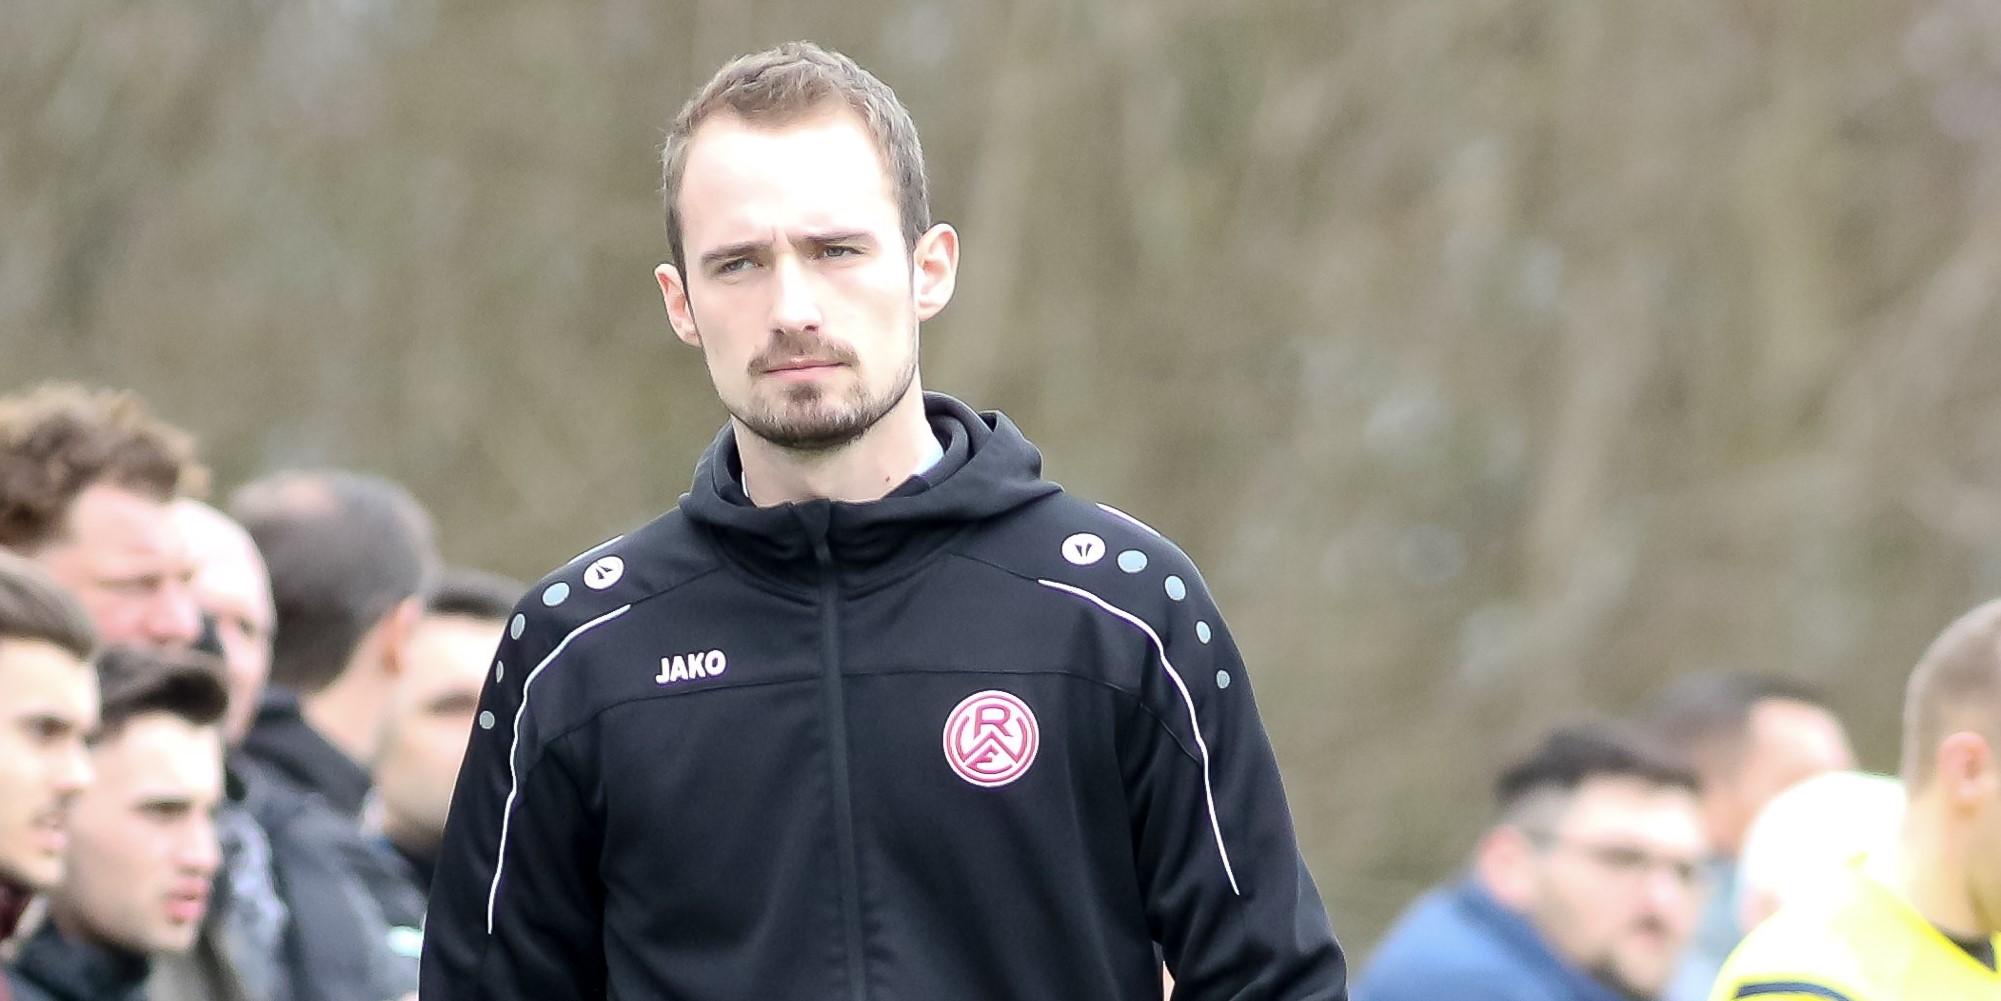 Trainer Lars Fleischer sah gegen Fortuna Düsseldorf einen klaren Schritt nach vorne. (Foto: Endberg)